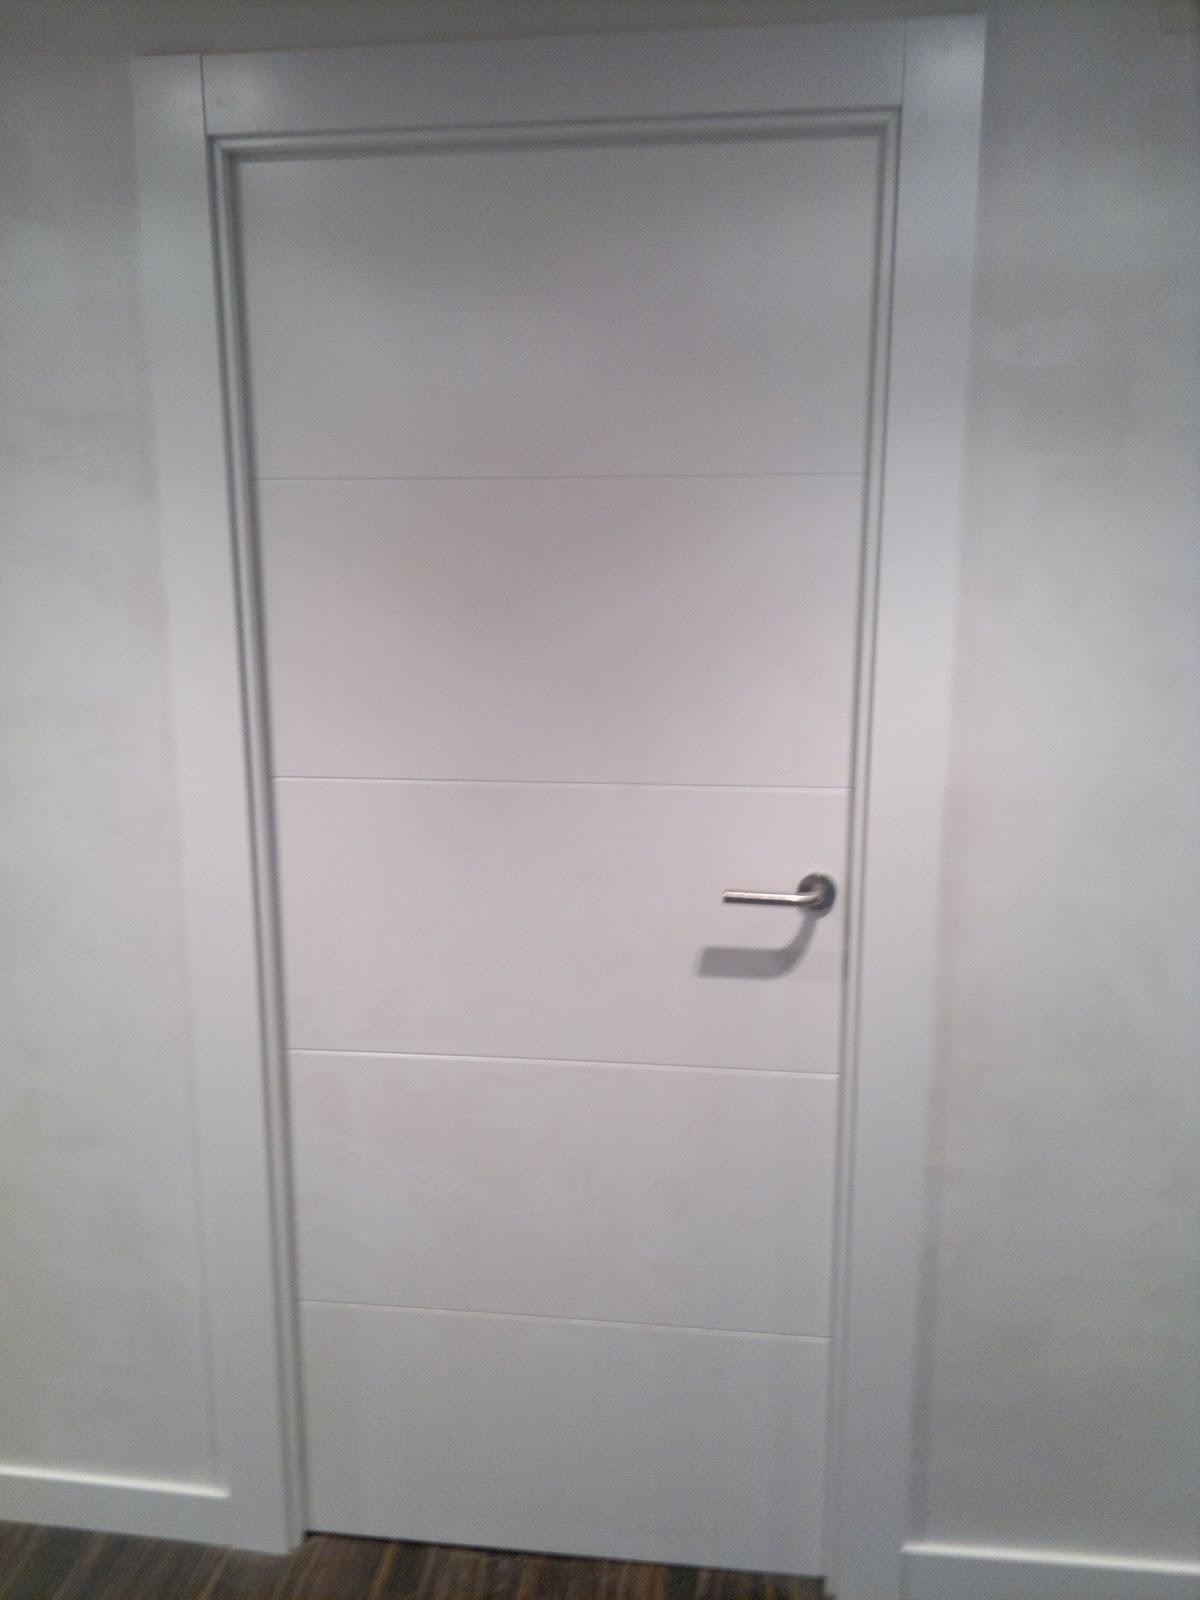 Ebanisteria carpinteria manuel perez zaragoza puertas - Puertas lacadas en blanco ...